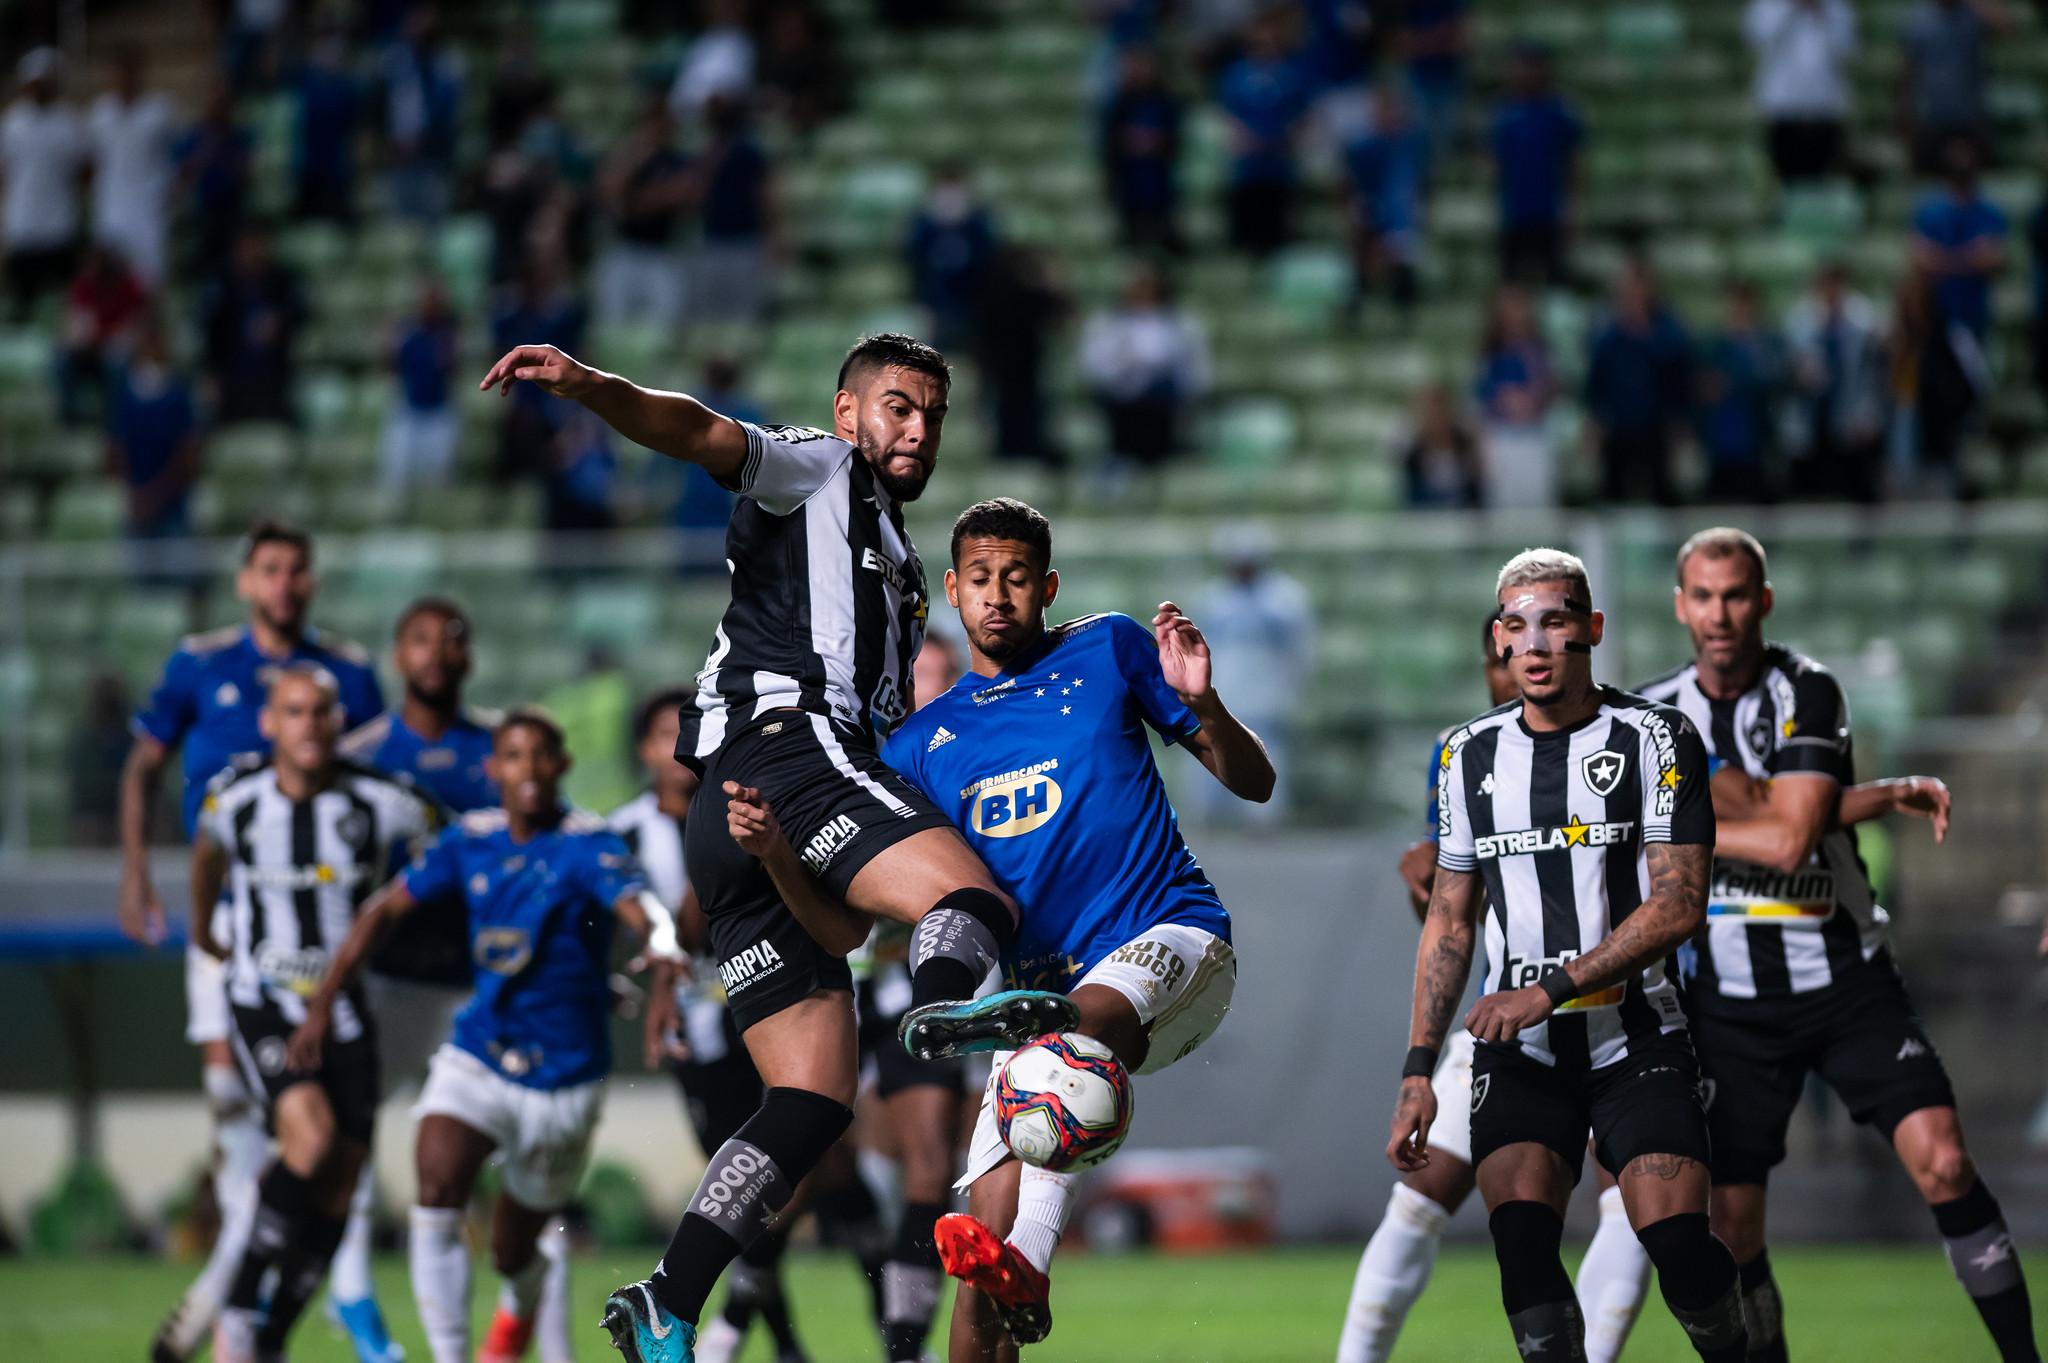 Inédito! Cruzeiro passa três jogos seguidos sem sofrer gols na Série B